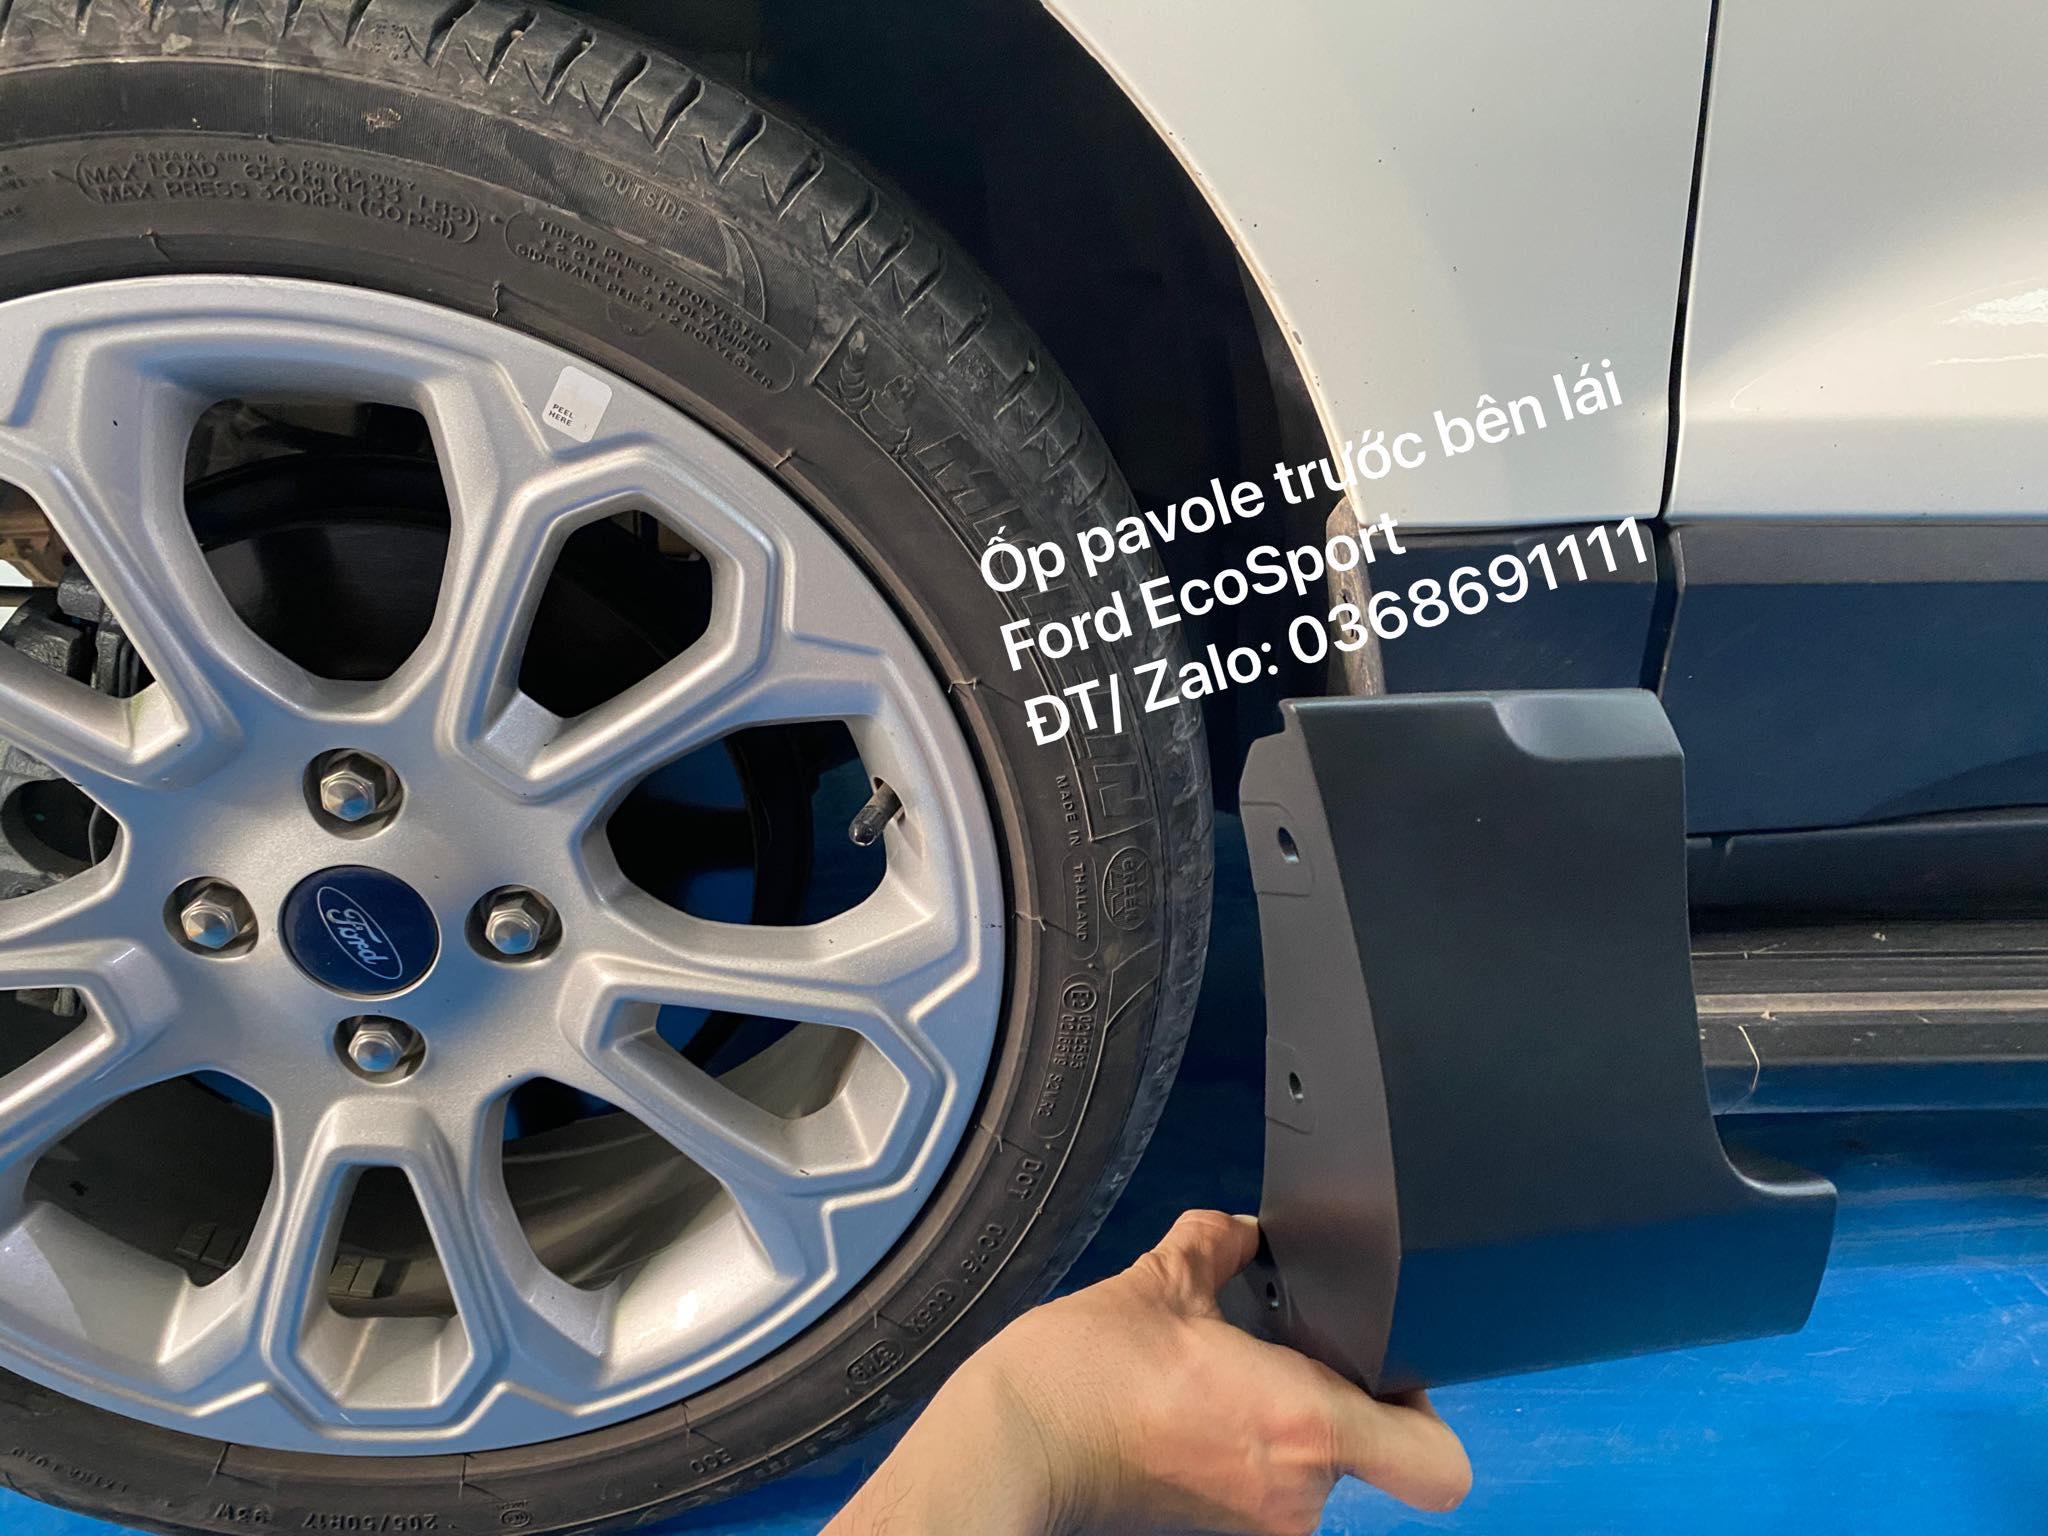 Ốp đầu pavole bên lái Ford EcoSport / CN15-161652